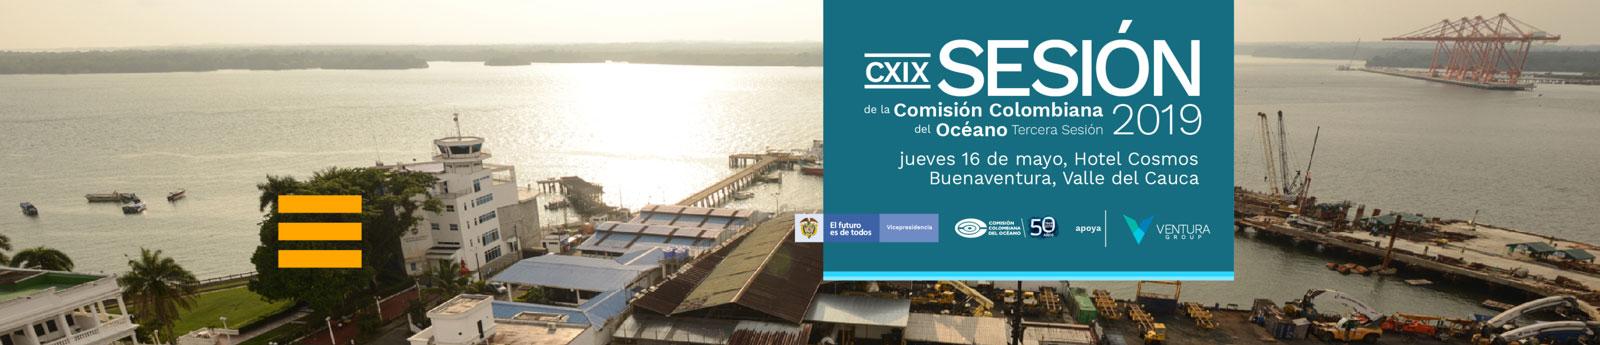 En Buenaventura realizaremos la CXIX sesión de la Comisión Colombiana del Océano